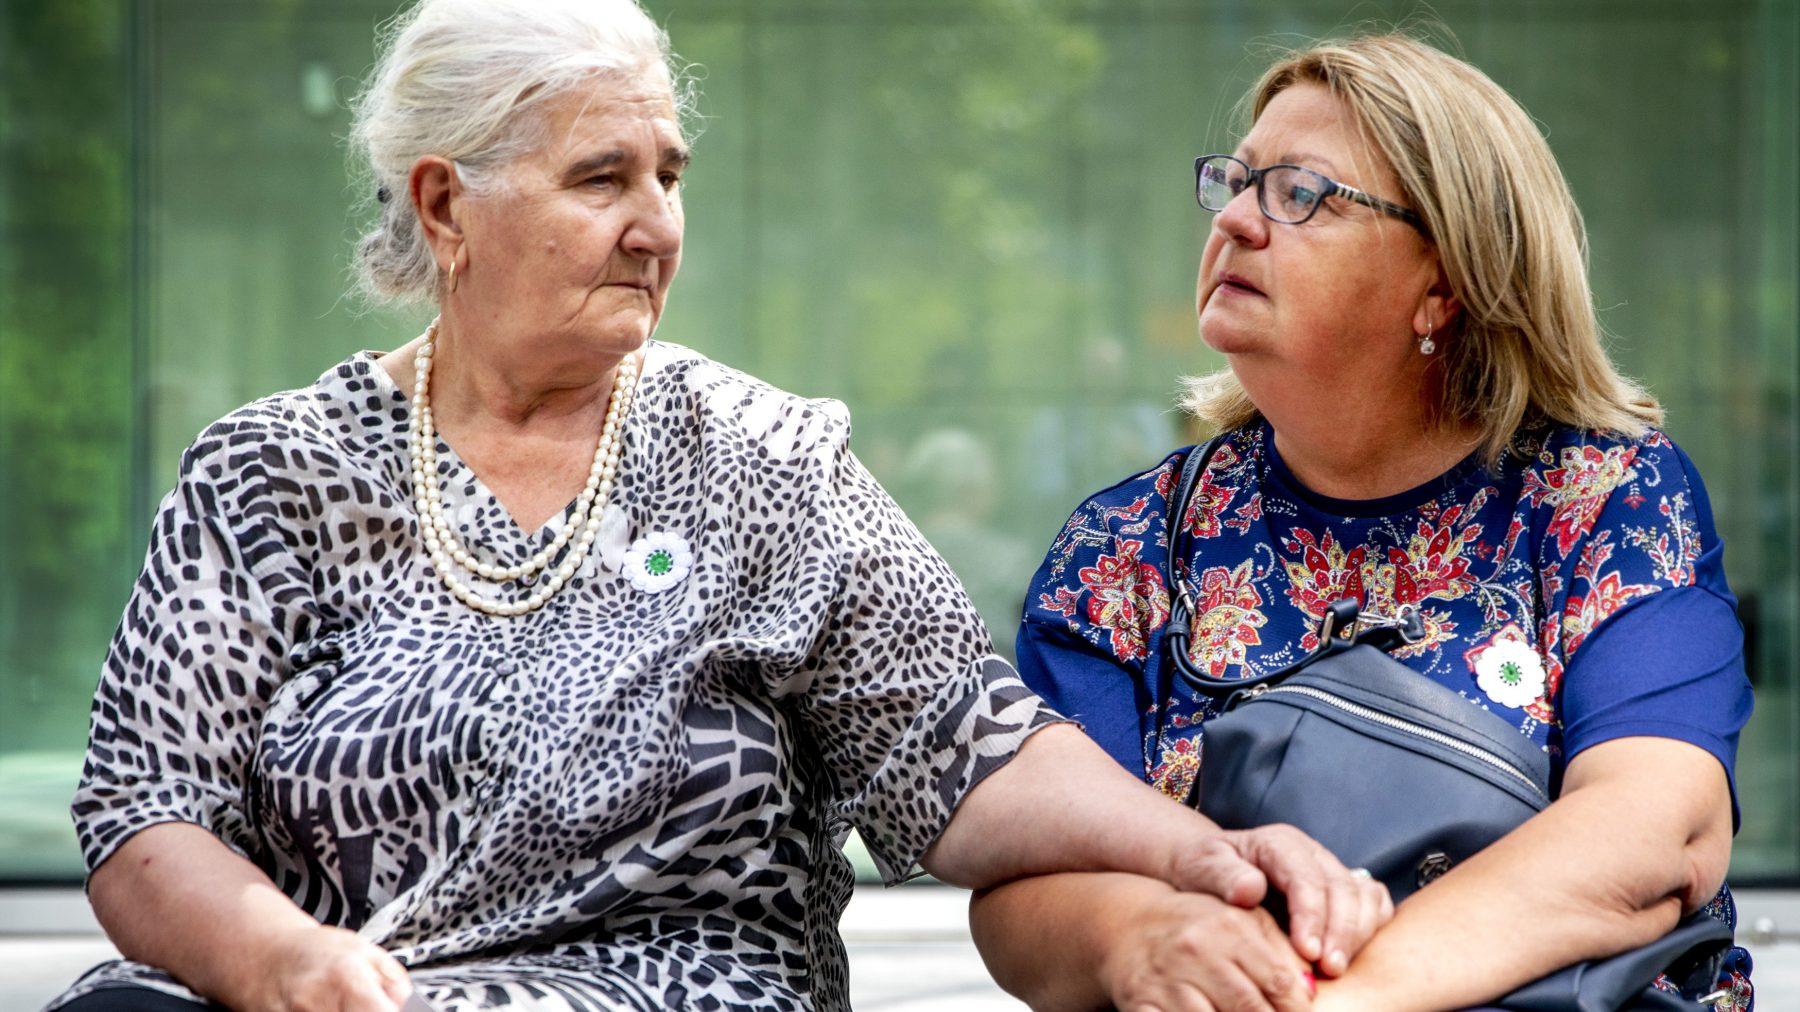 Hoge Raad doet uitspraak over Srebrenica-proces: dit ging eraan vooraf